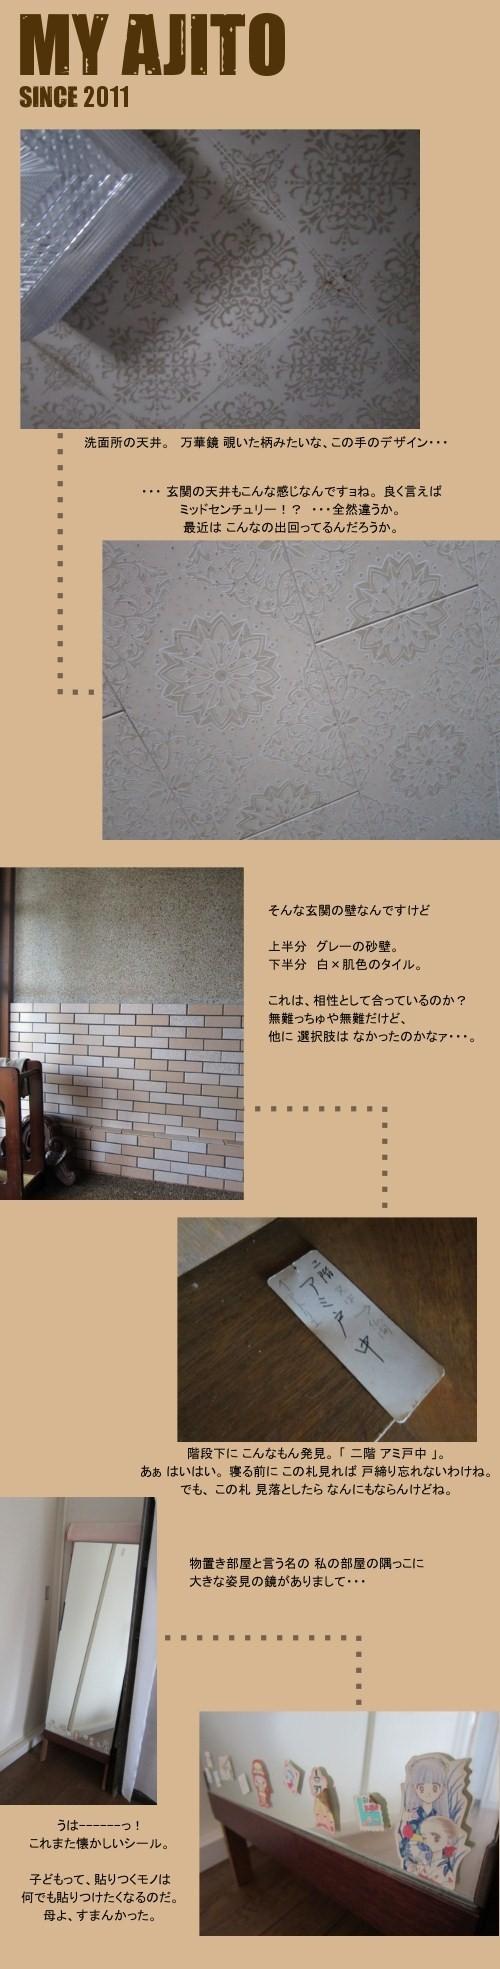 jikka_i_04.jpg